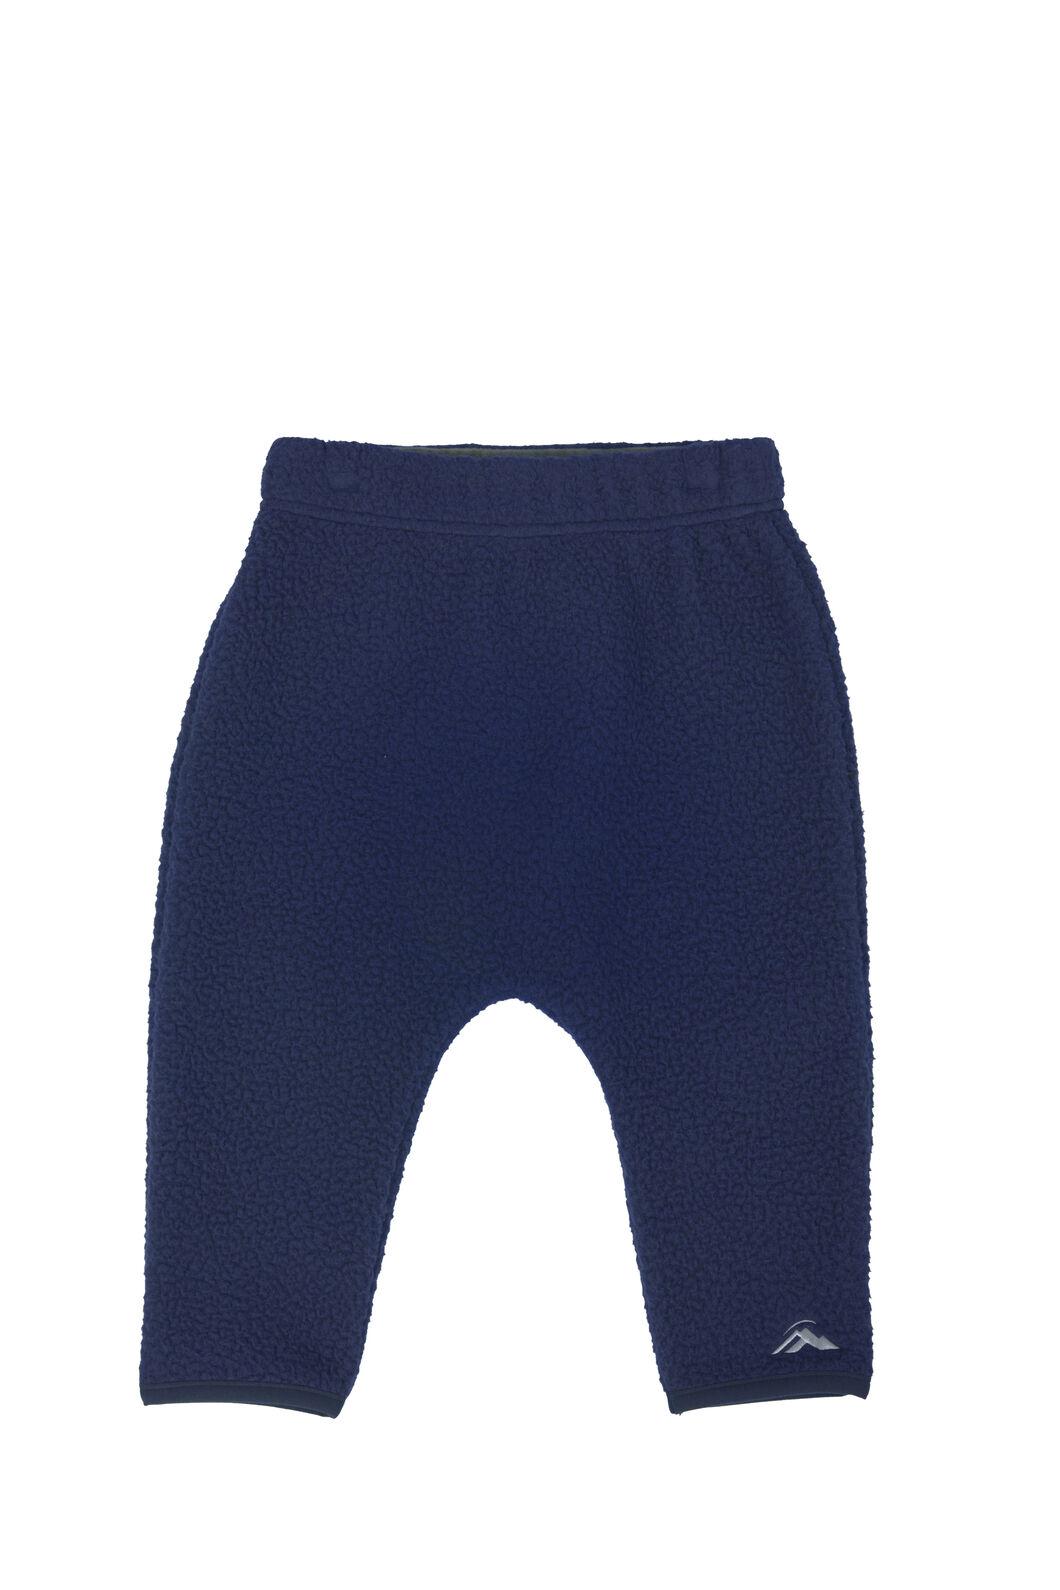 Macpac Acorn Fleece Pants - Baby, Medieval Blue, hi-res